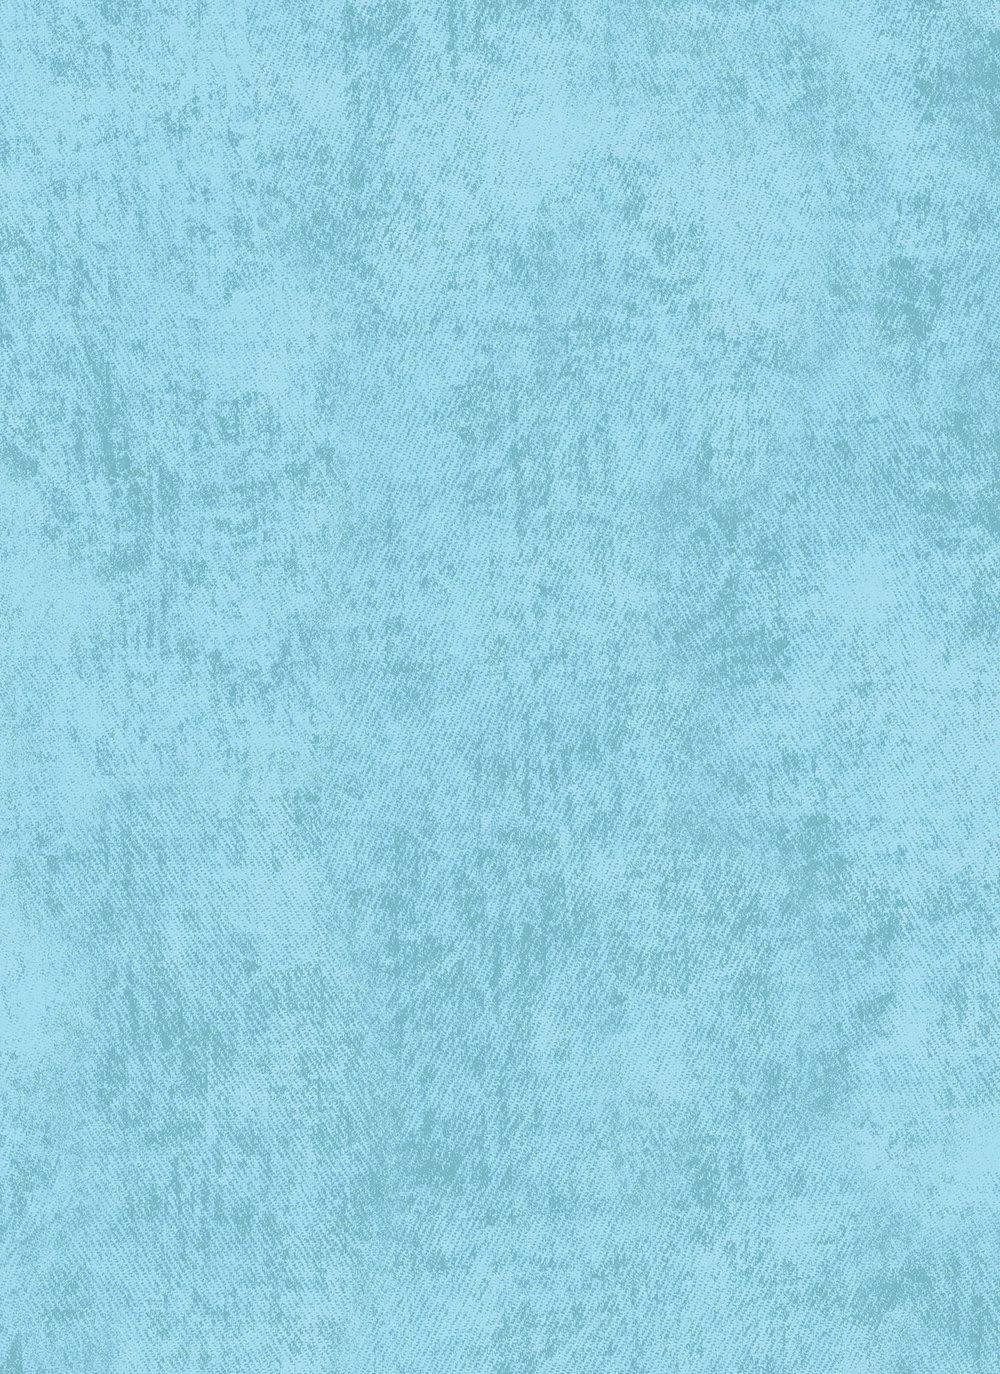 3212-009 Aqua